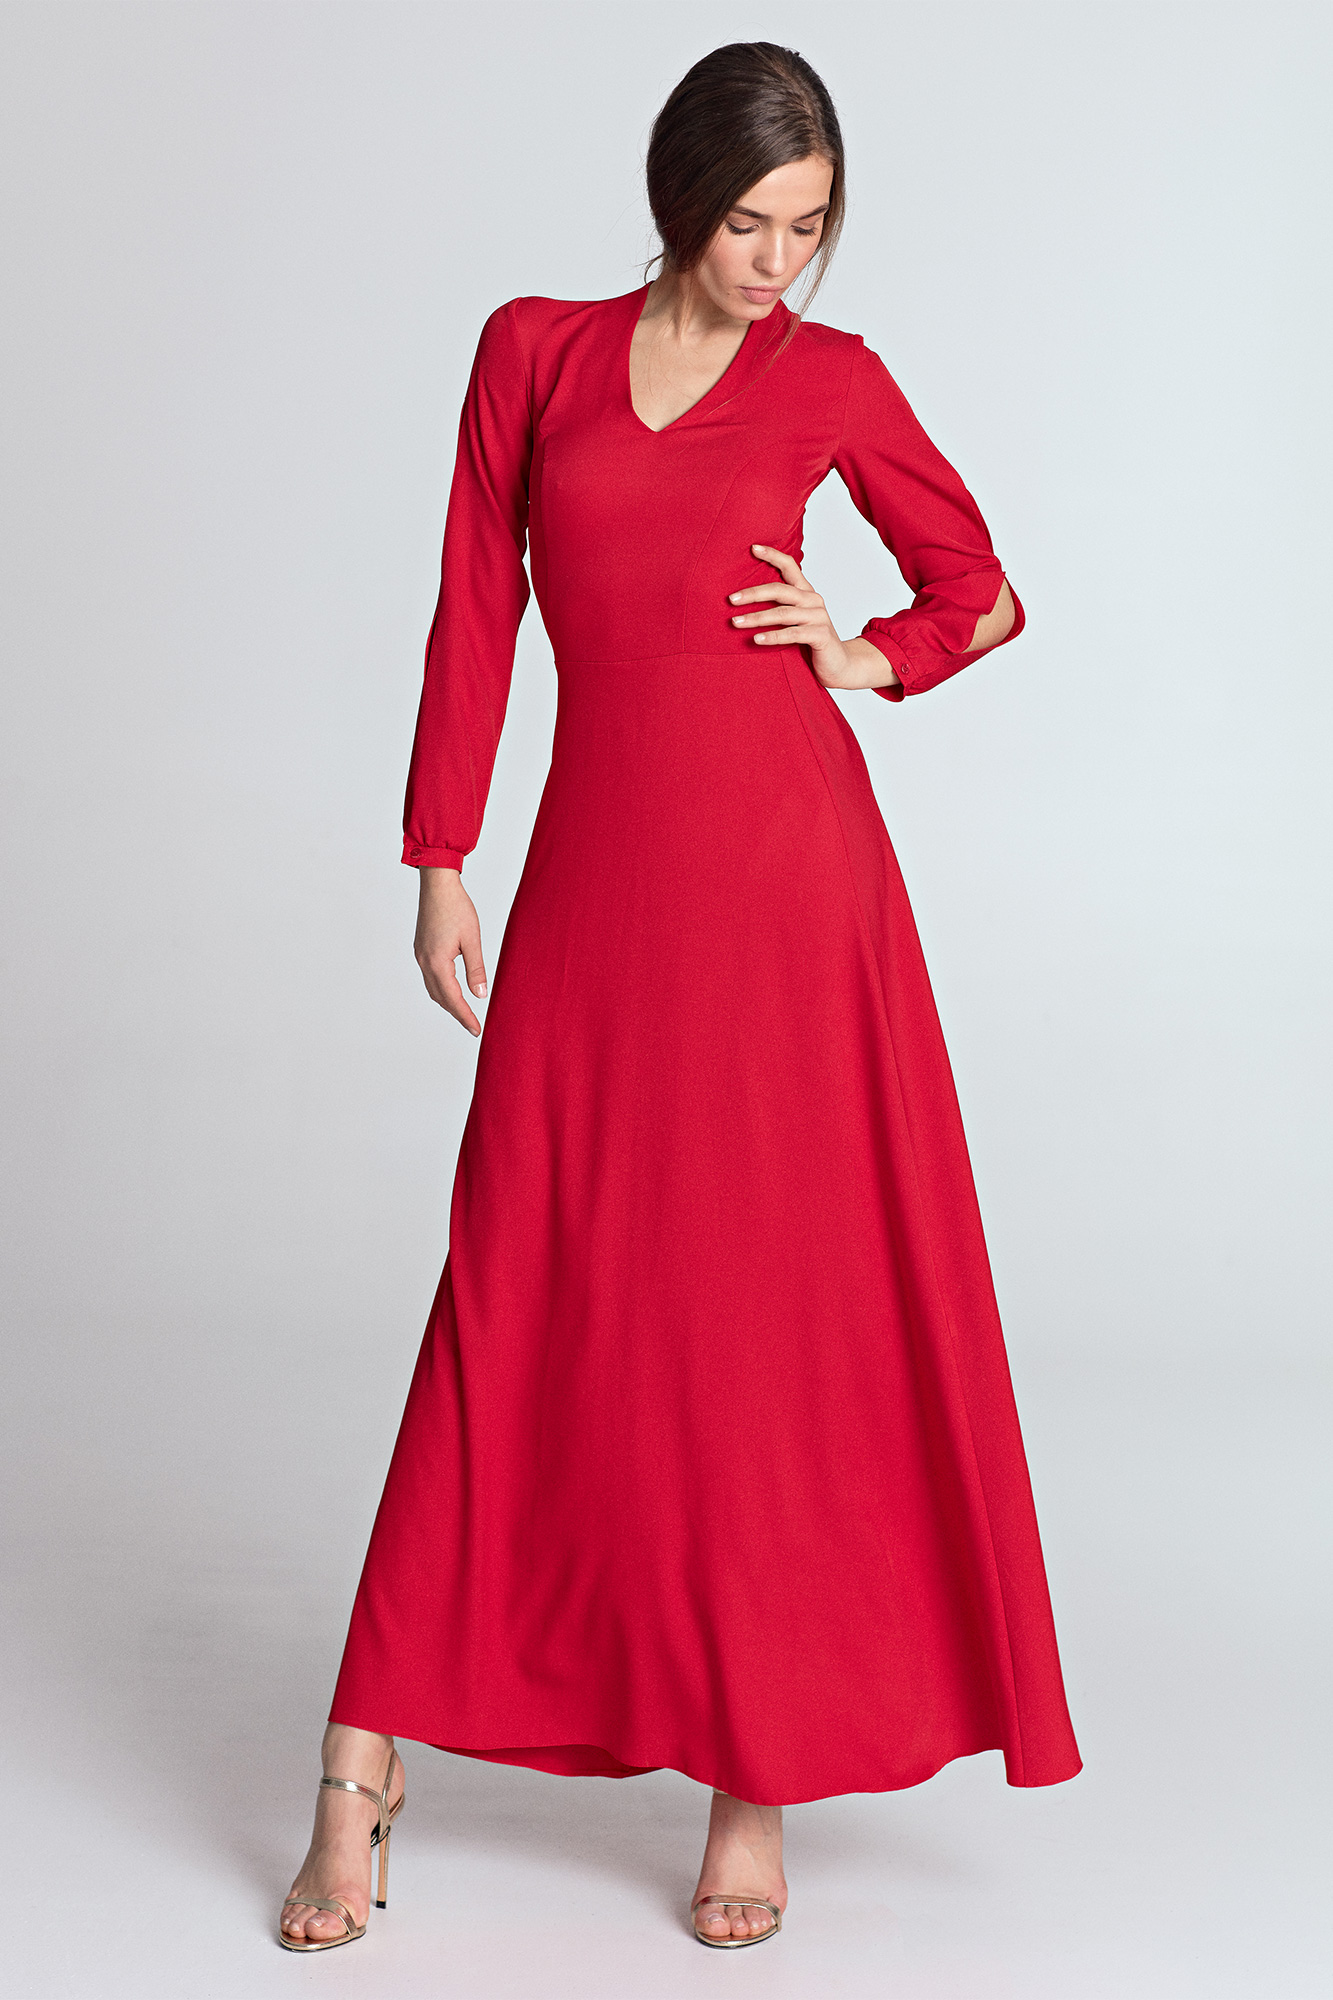 678adb18d2a725 Sukienka do kostek czerwona - szyta w Polsce - kurier od 5,99 zł